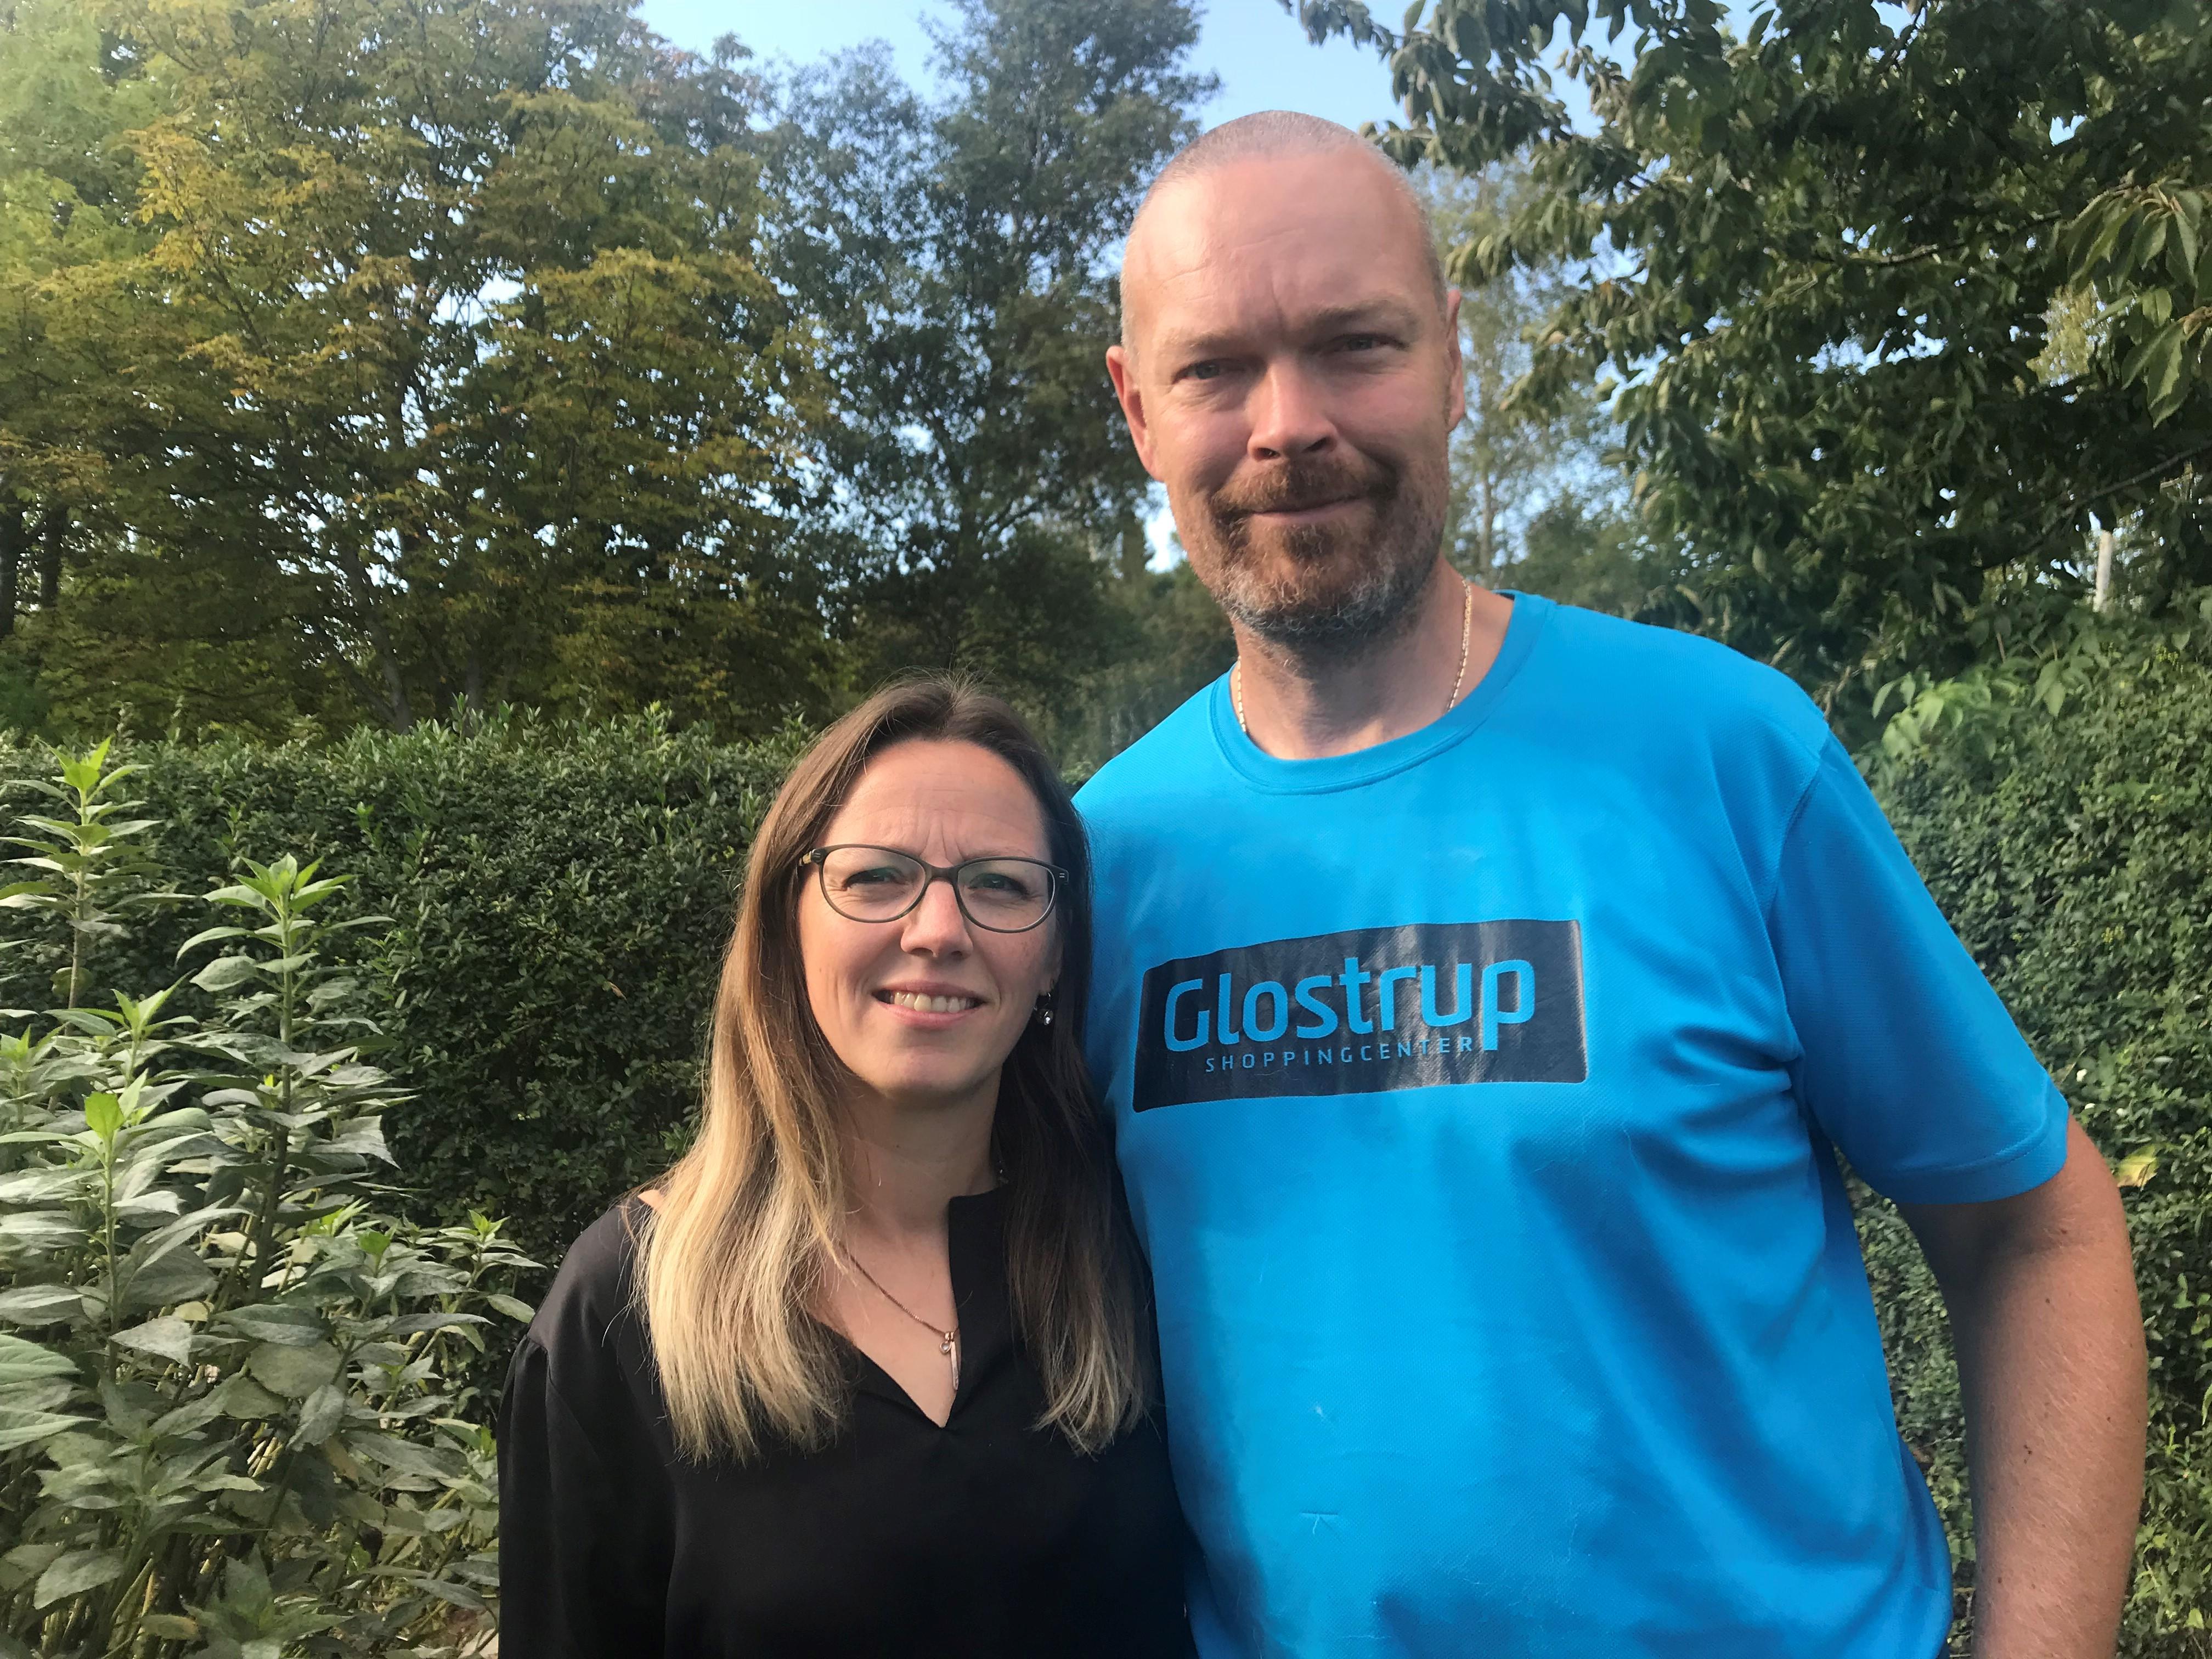 Både Lisbeth og Kenneth har fået nye roller i familien efter Kenneths sygdom.